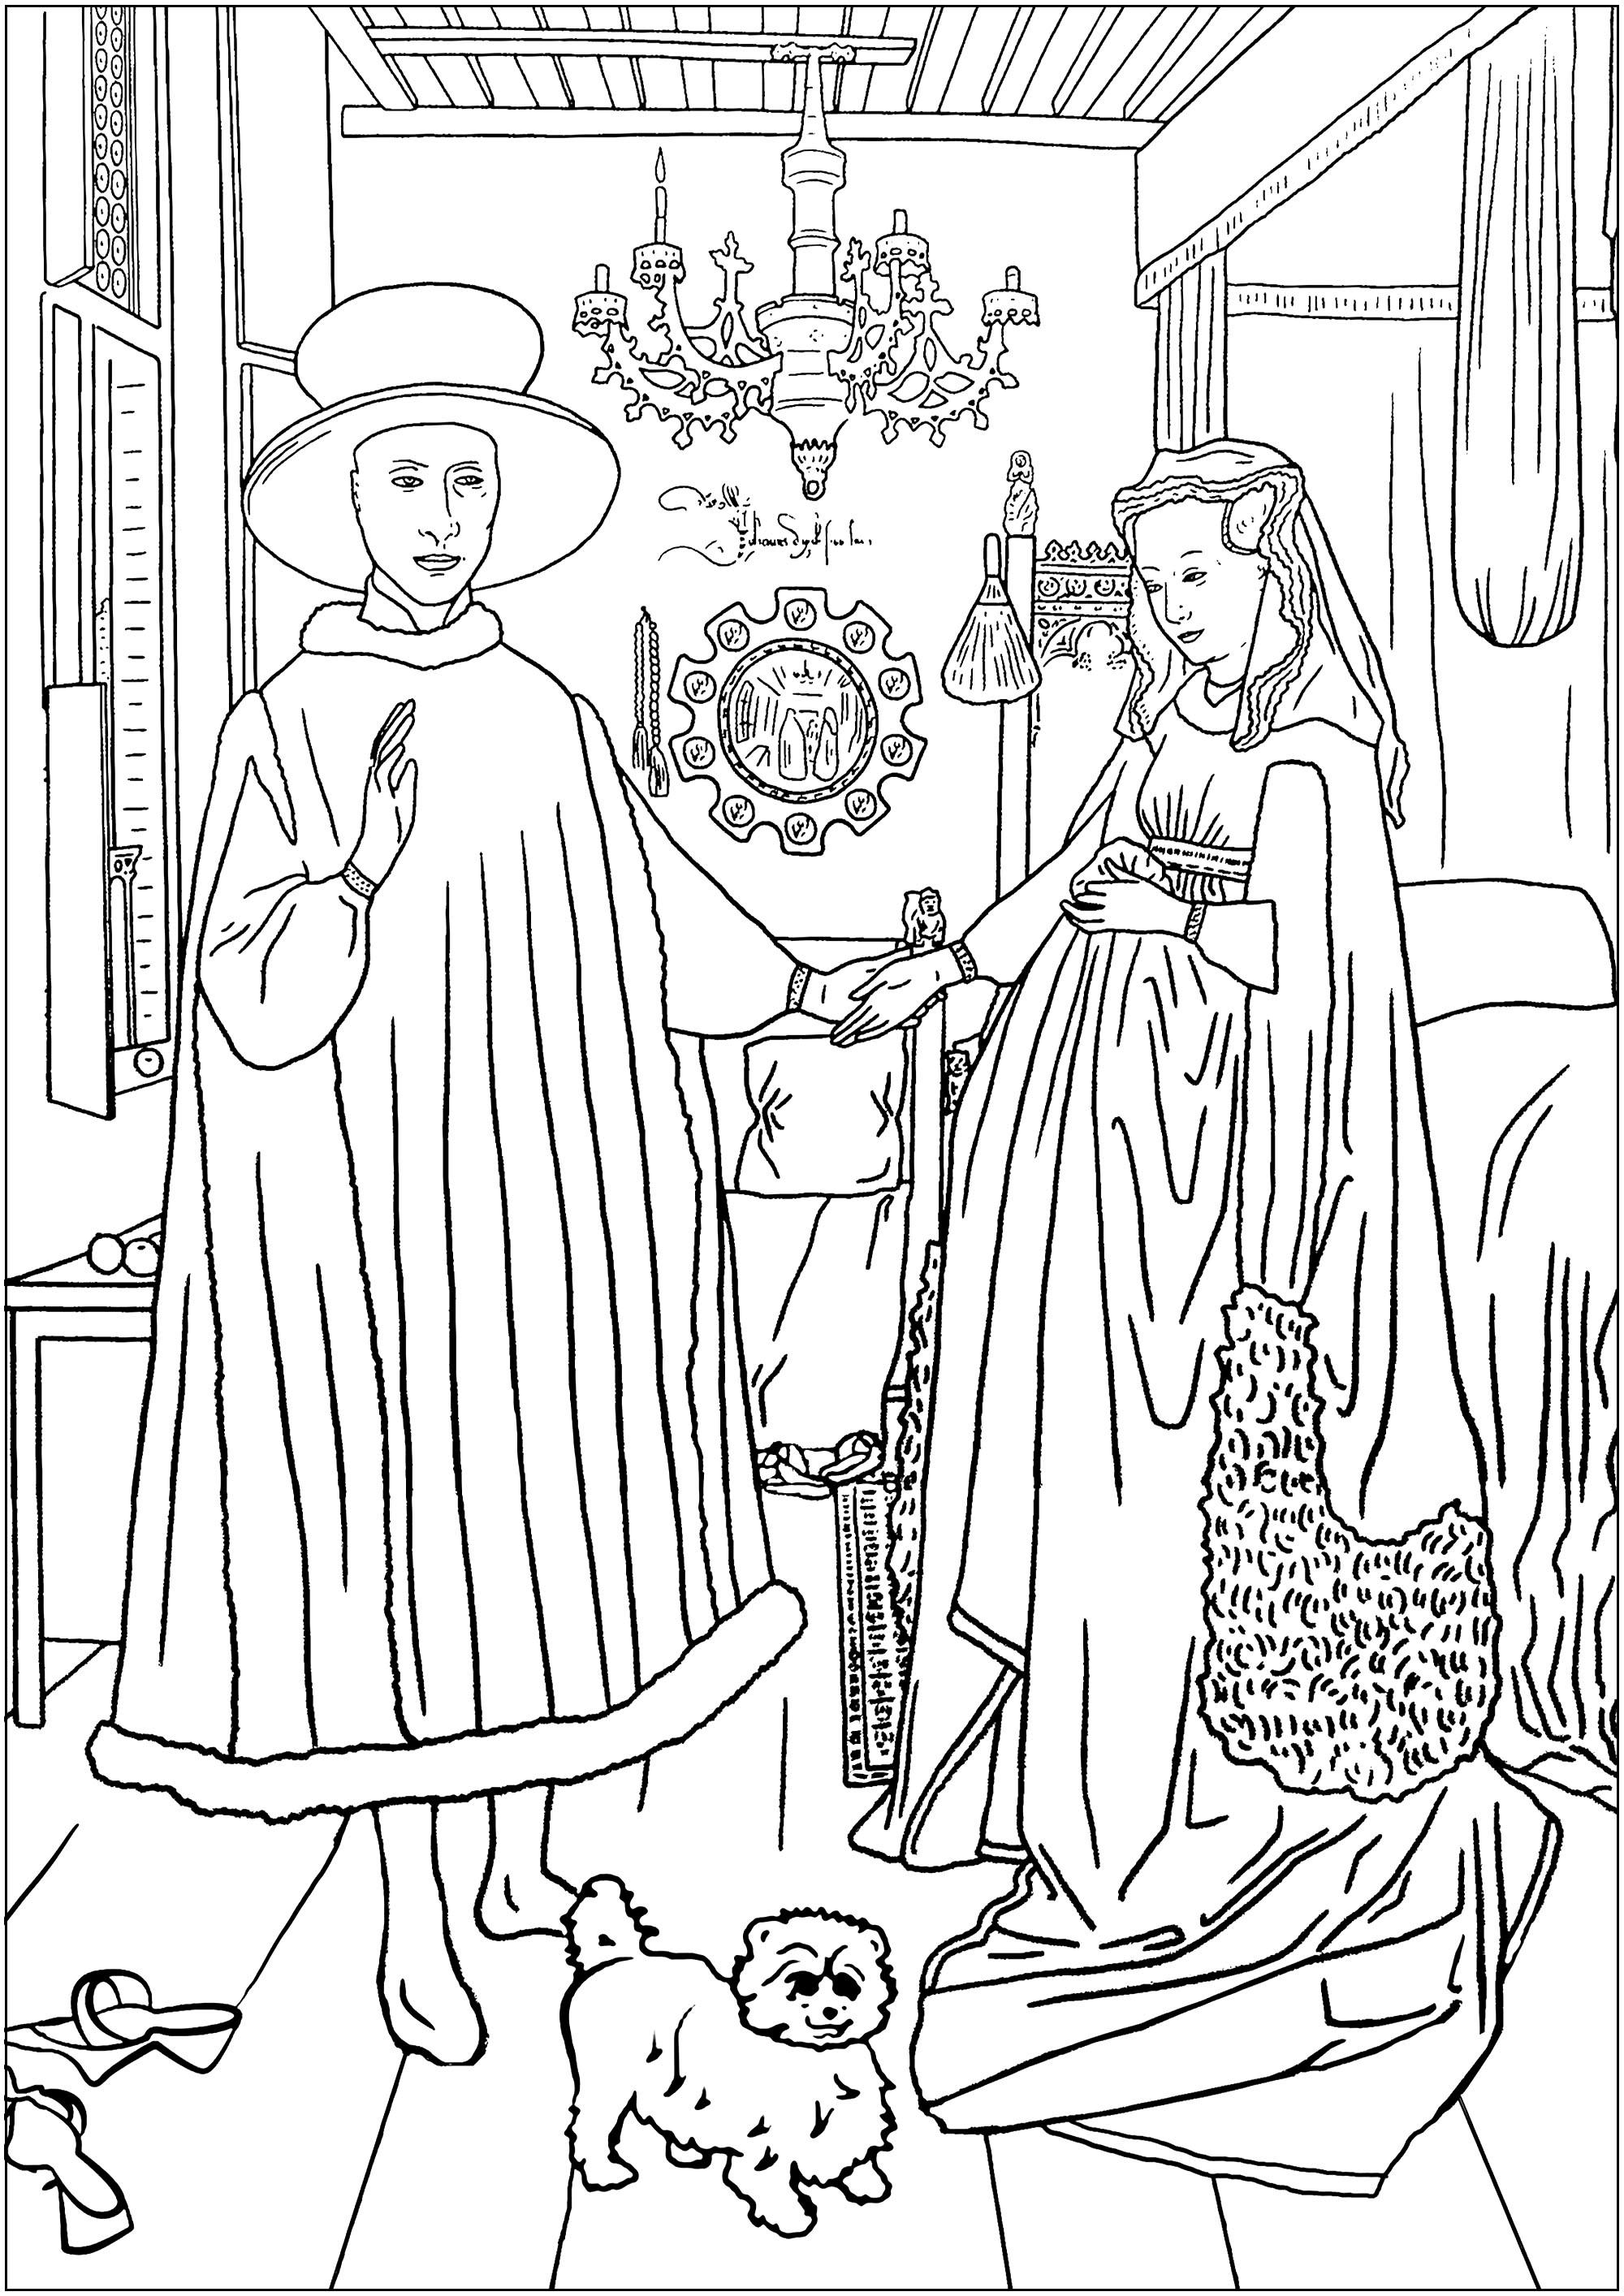 Coloriage créé à partir du tableau 'Les époux Arnolfini' de Jan Van Eyck